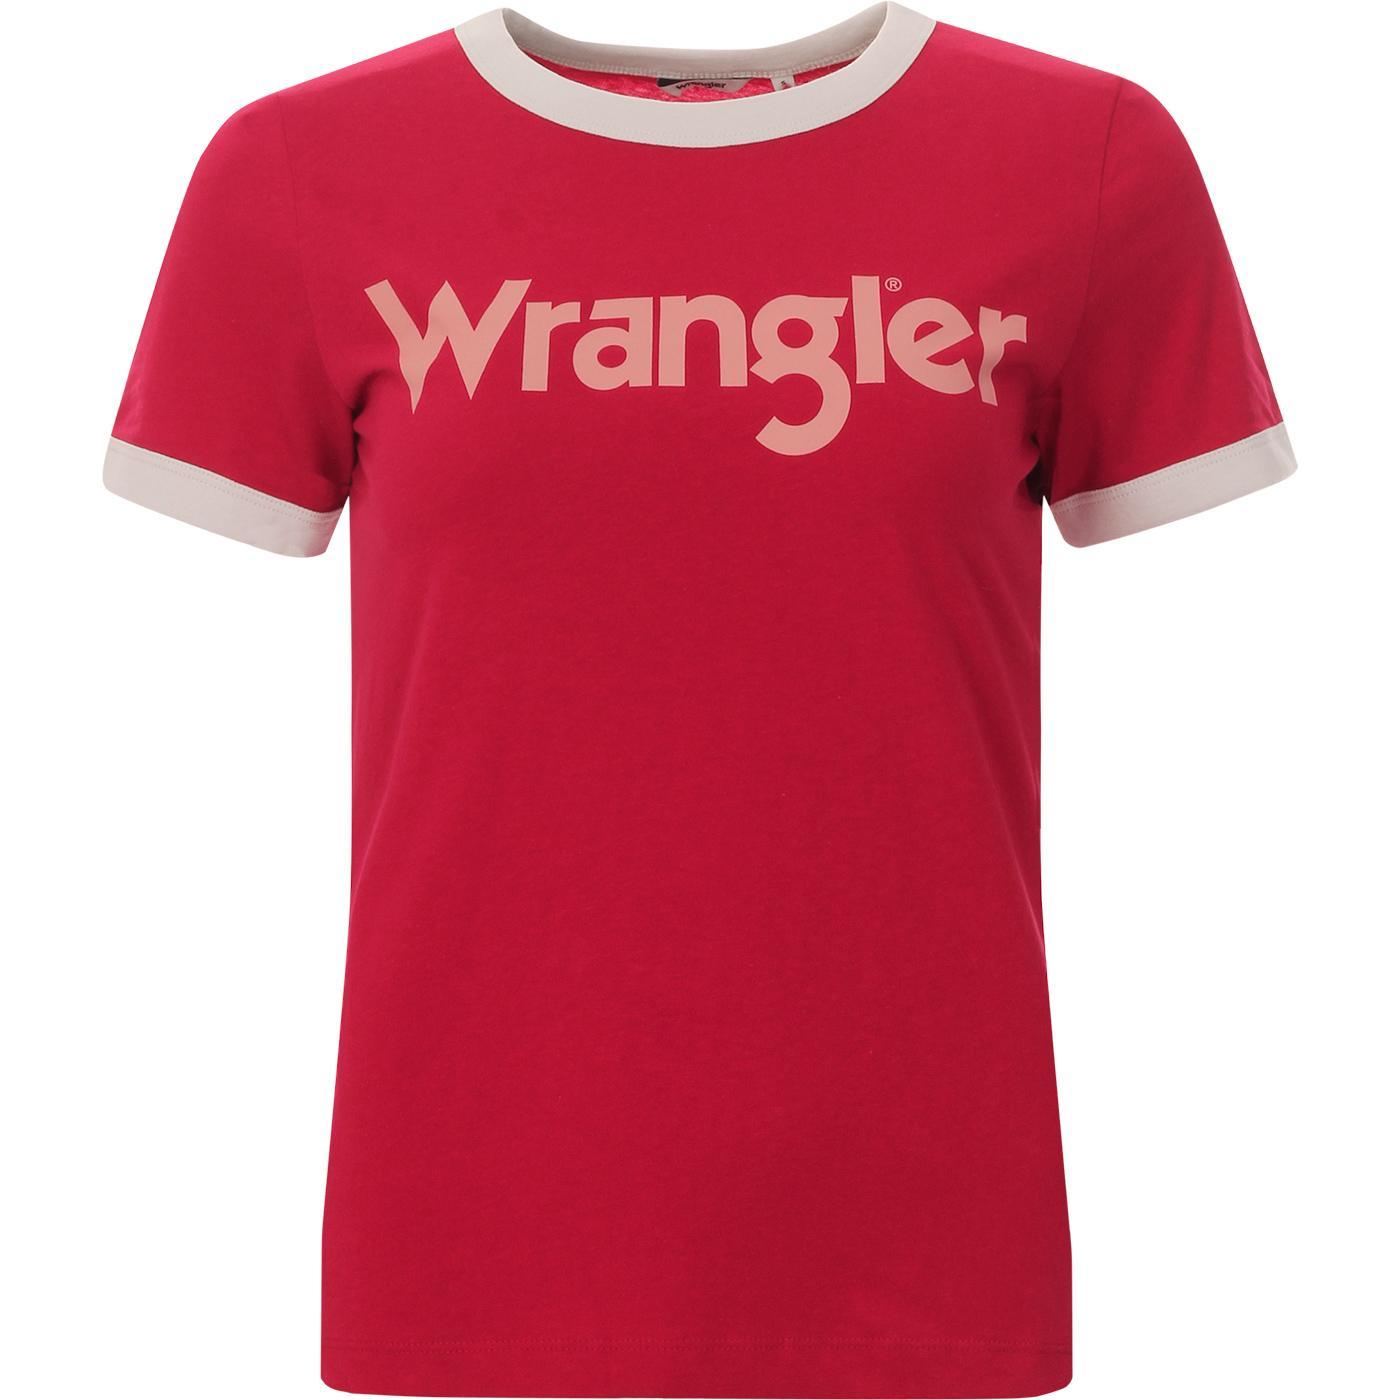 WRANGLER Women's Retro 1970s Logo Ringer Tee MR